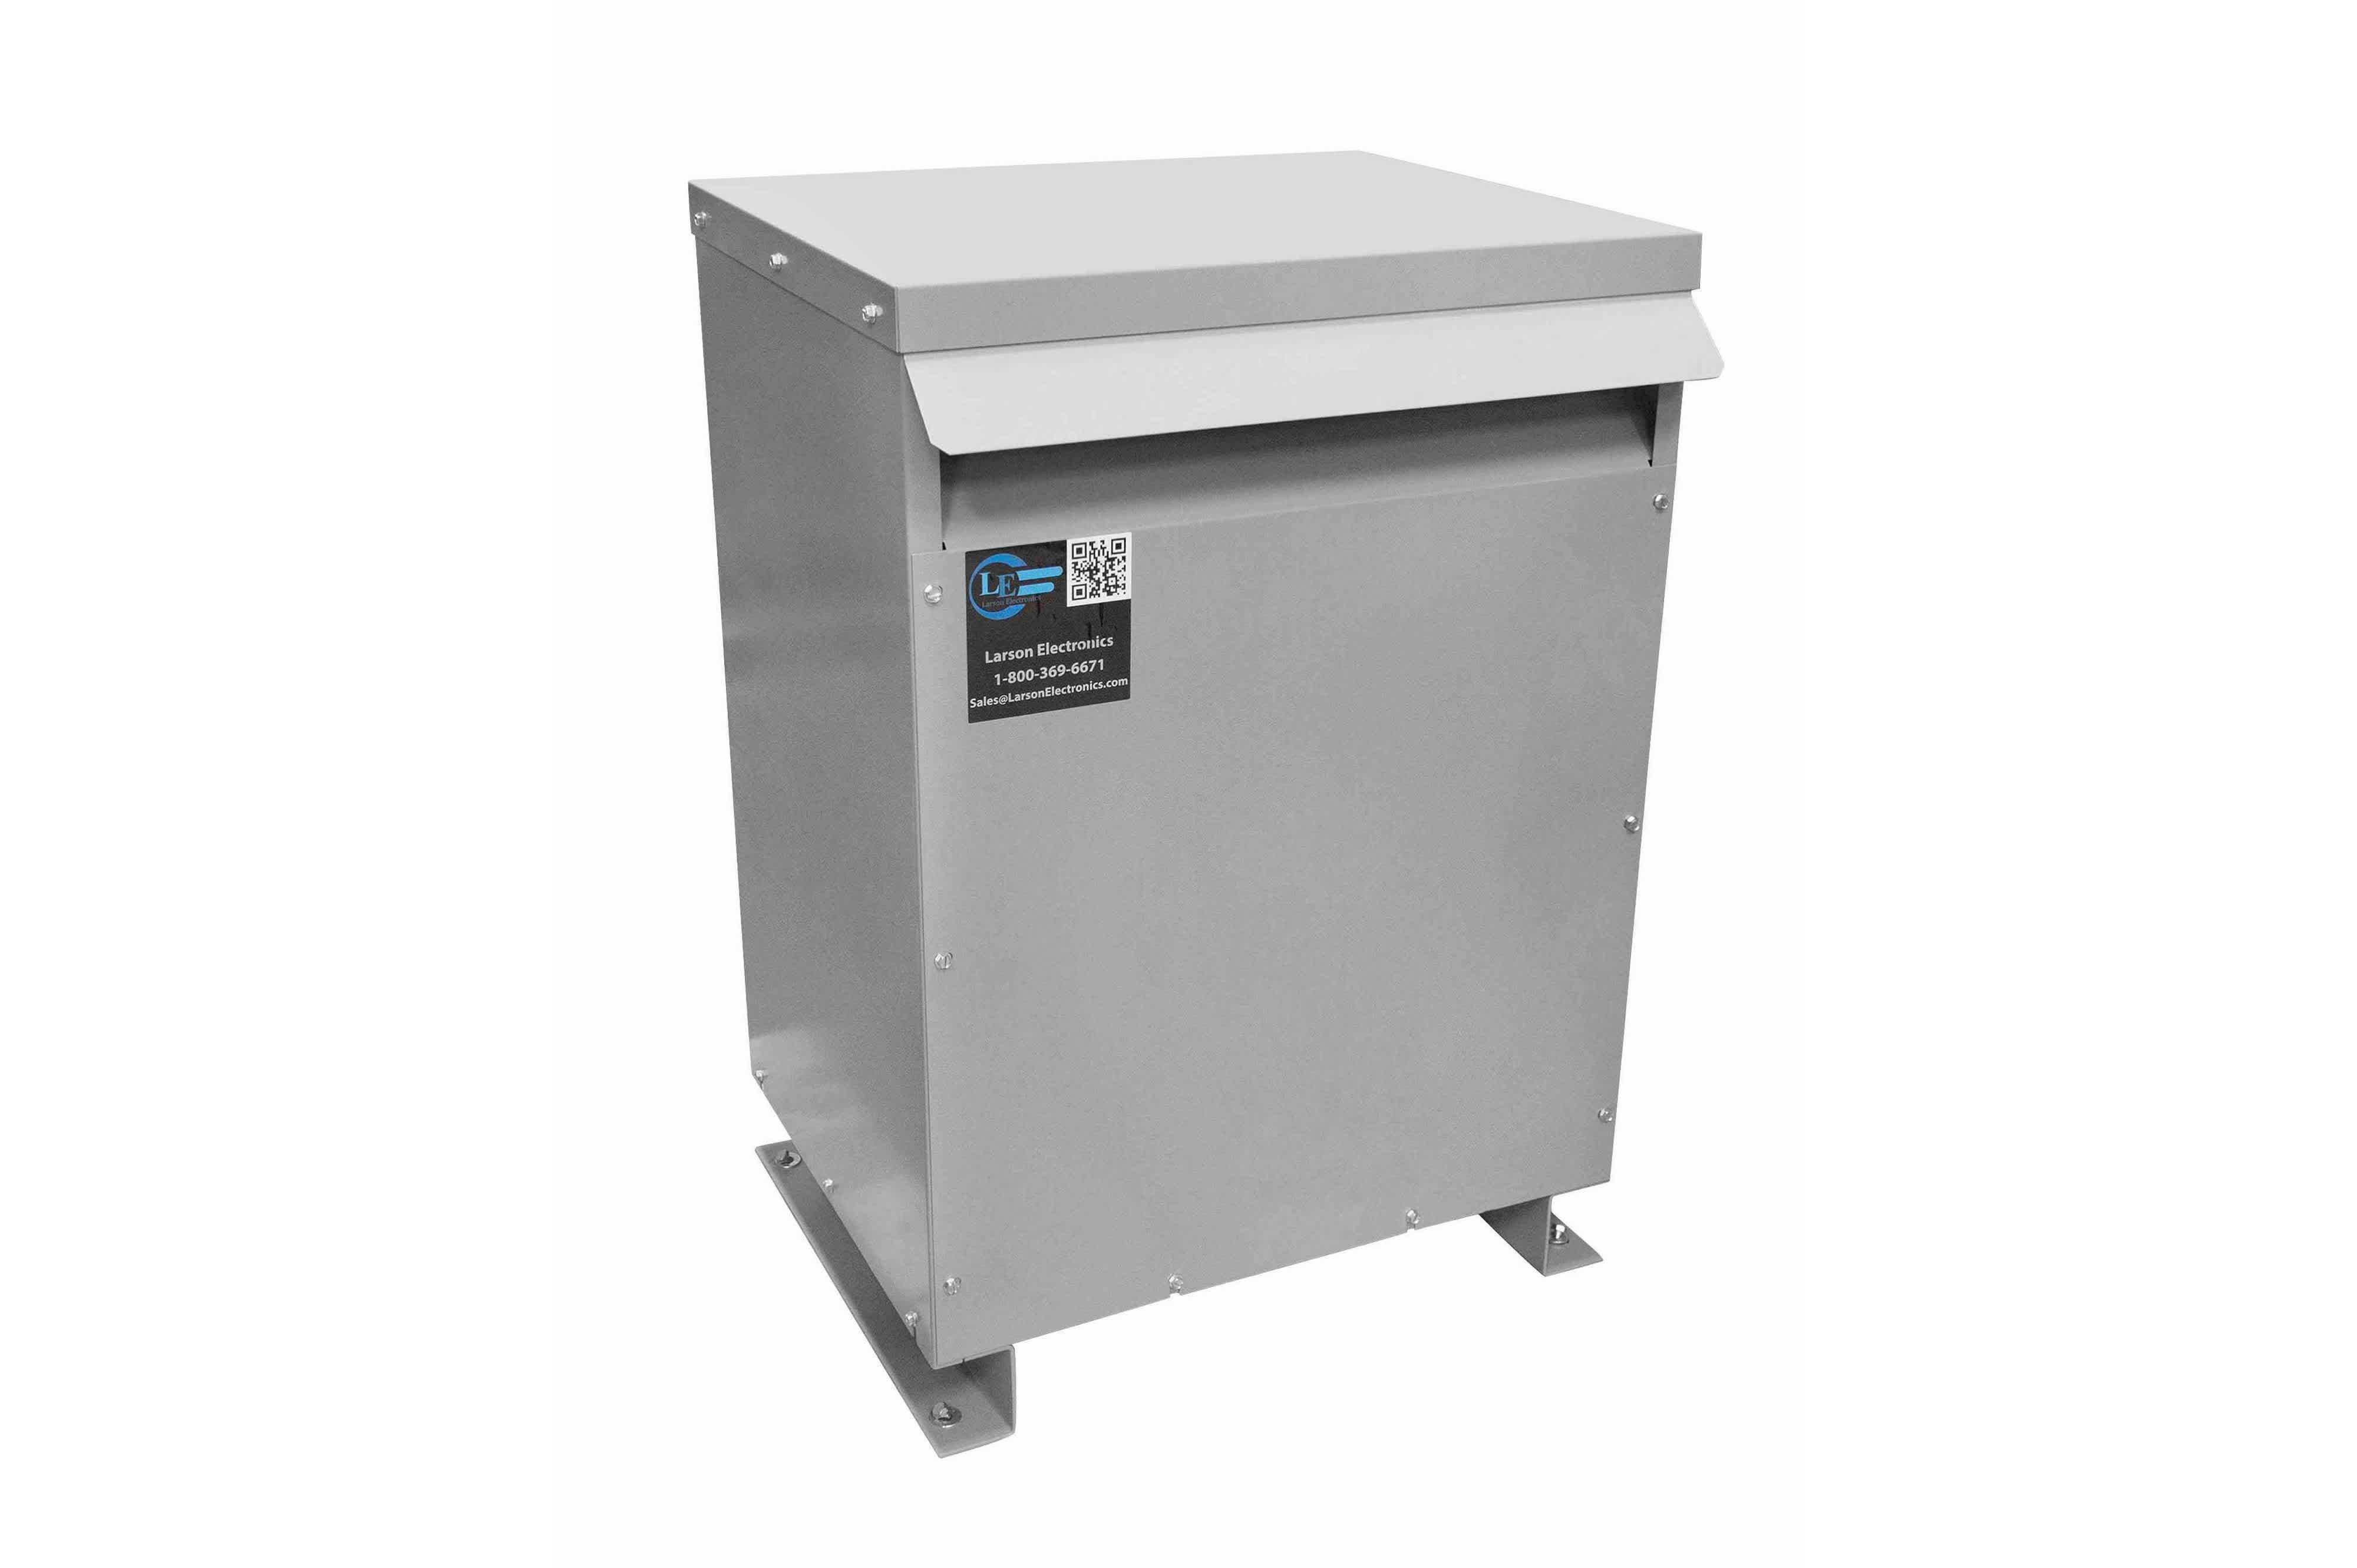 38 kVA 3PH Isolation Transformer, 600V Delta Primary, 400V Delta Secondary, N3R, Ventilated, 60 Hz